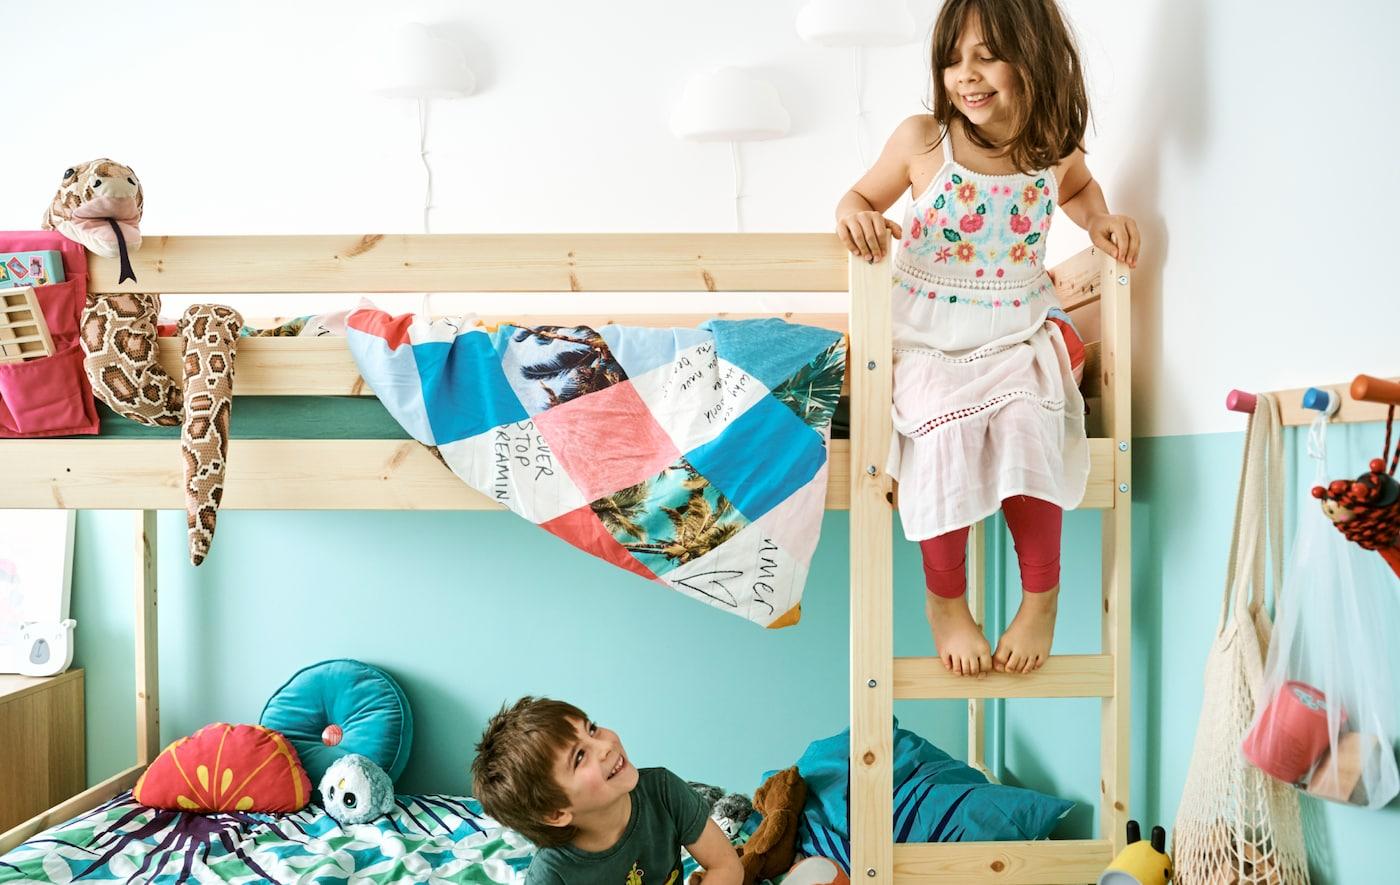 Une chambre d'enfant avec des lits superposés; un garçon est assis sur le lit du bas et regarde vers sa sœur qui est assise sur un des échelons.